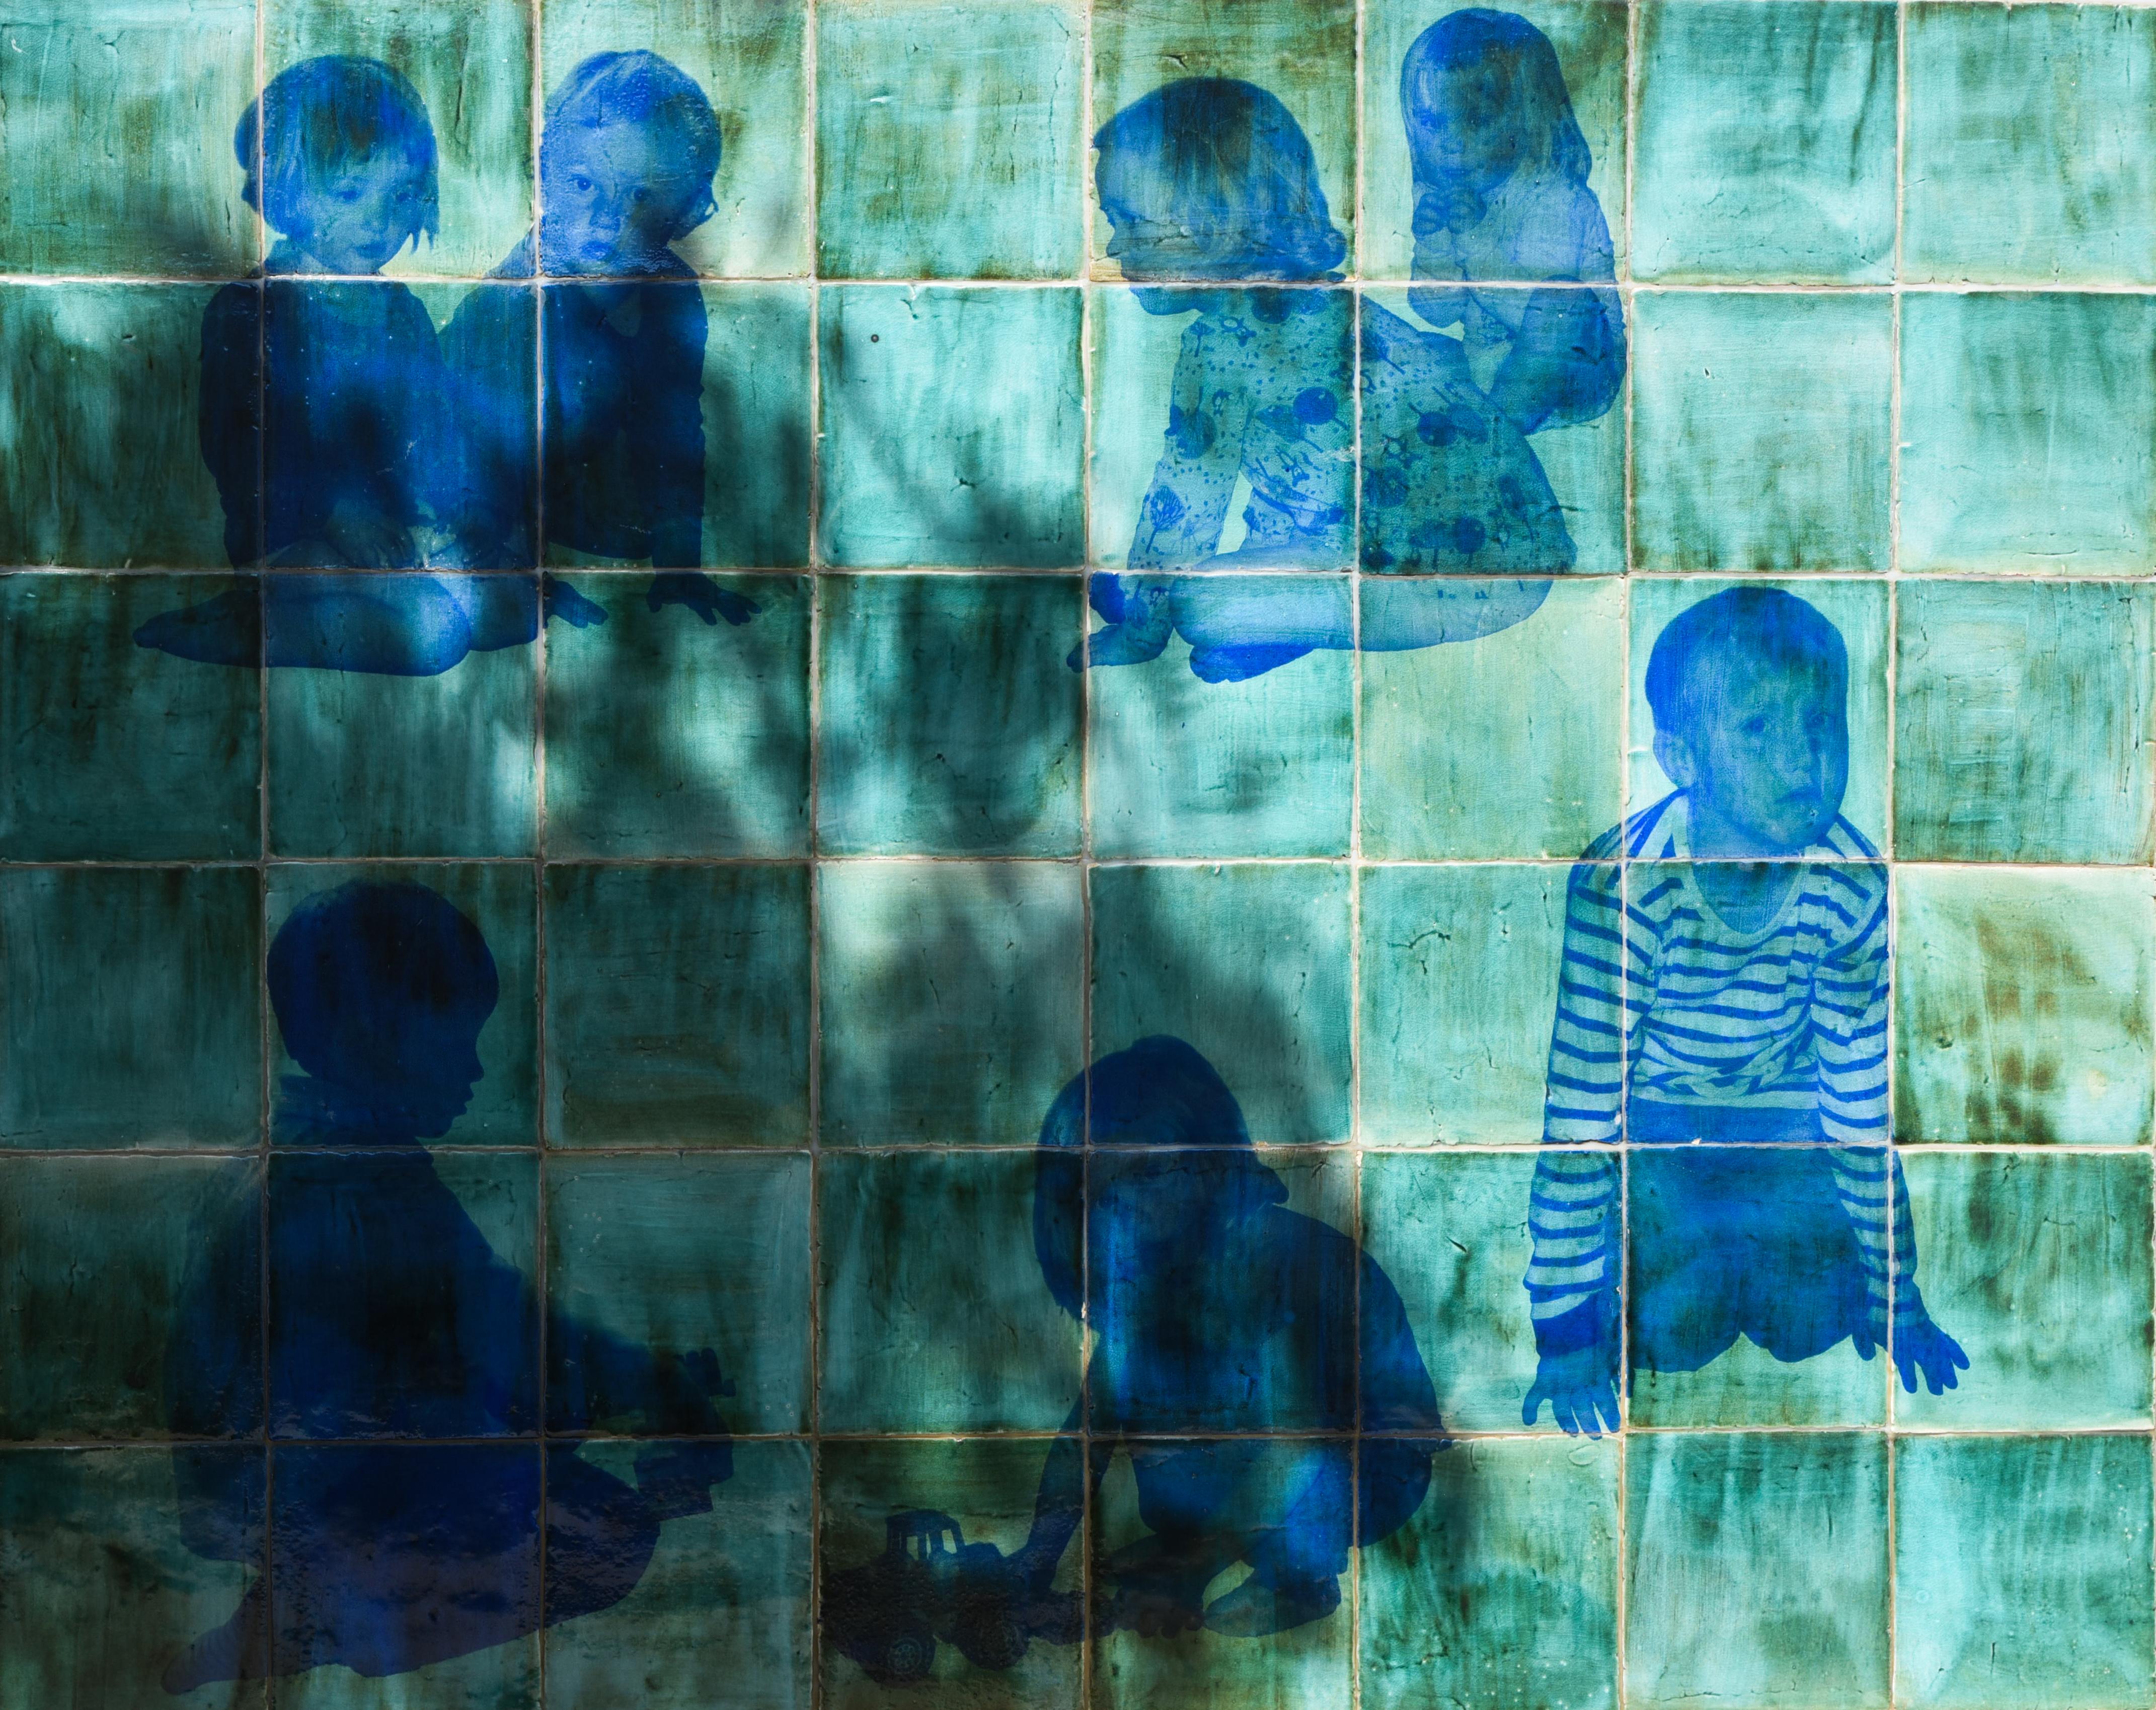 Helena Sjögren - Keramiska reliefer föreställande lekande barn - Klicka för att byta till perspektivbild.